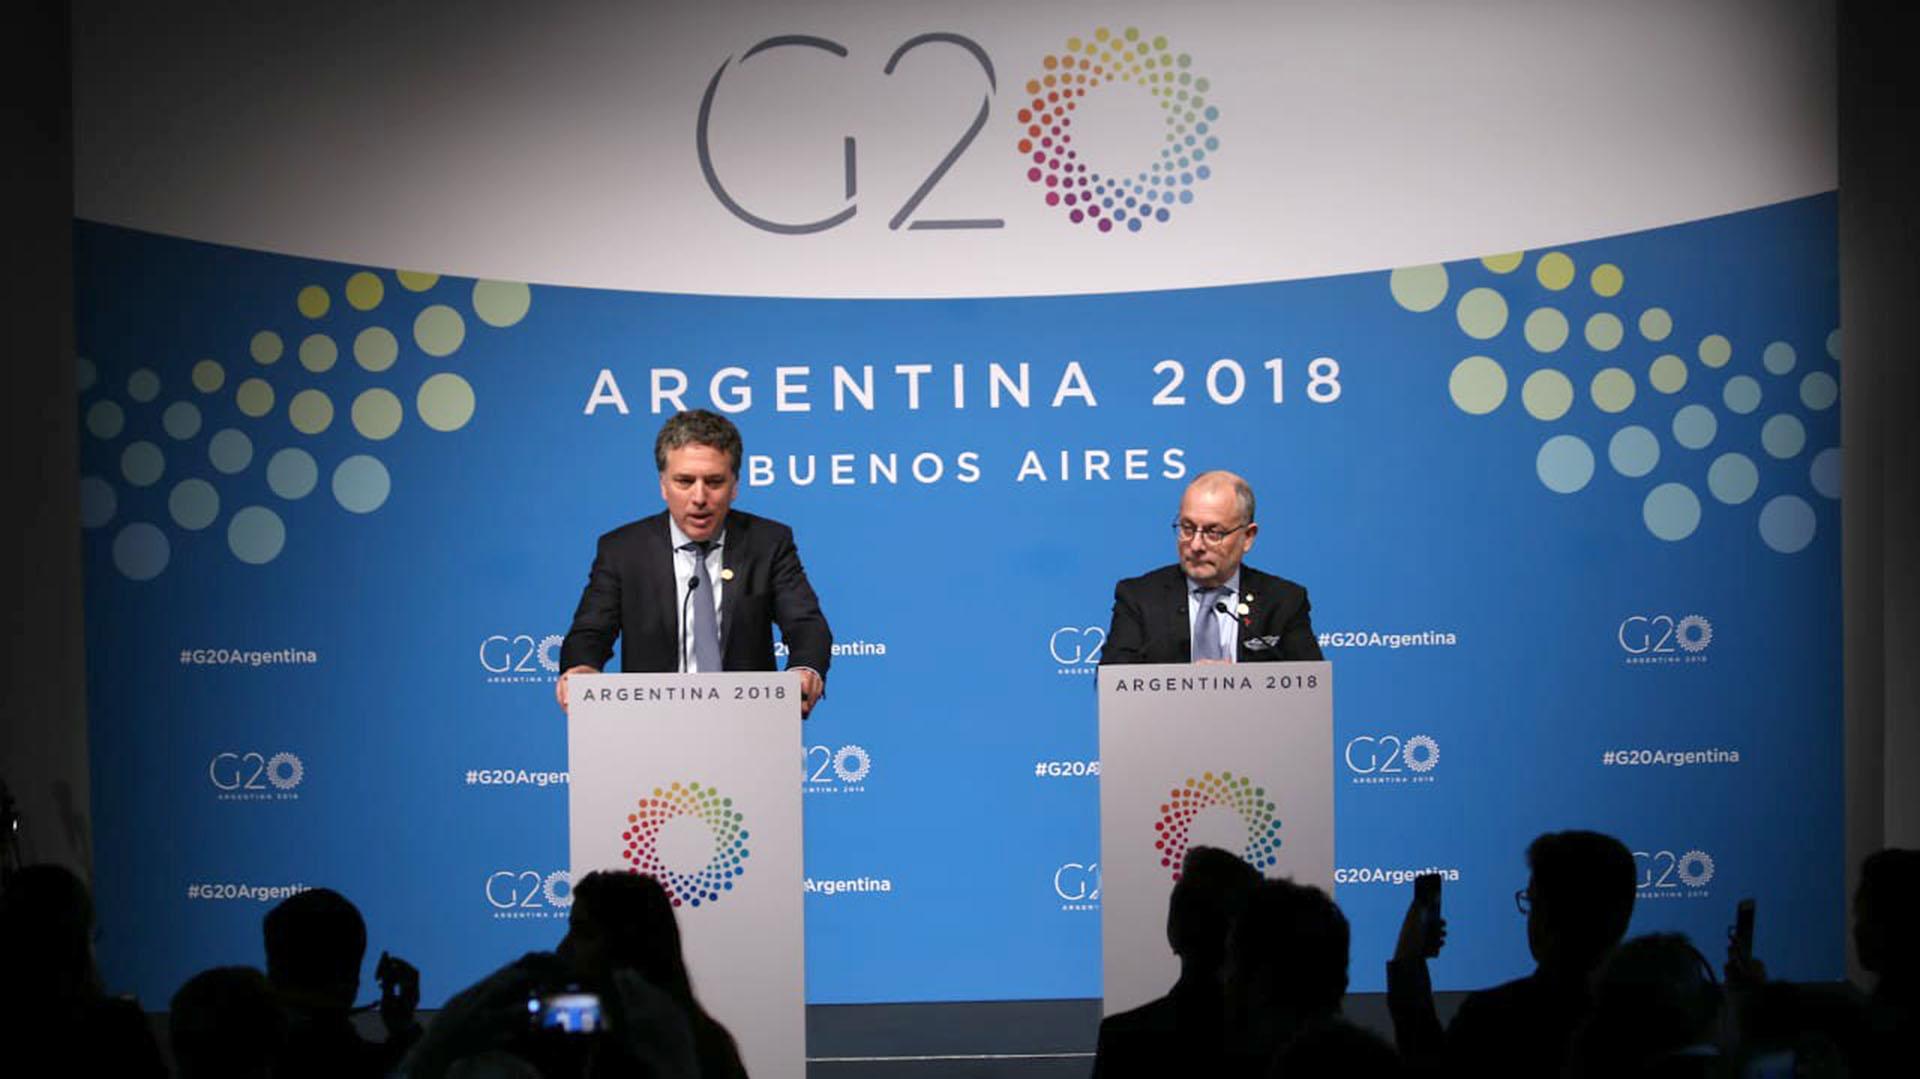 La economía Argentina está muy complicada. Tiene que encarar reformas muy profundas como para que vengan inversiones, los ministros Nicolás Dujovne y Jorge Faurie tienen la misión de mejorar y difundir el clima de negocios